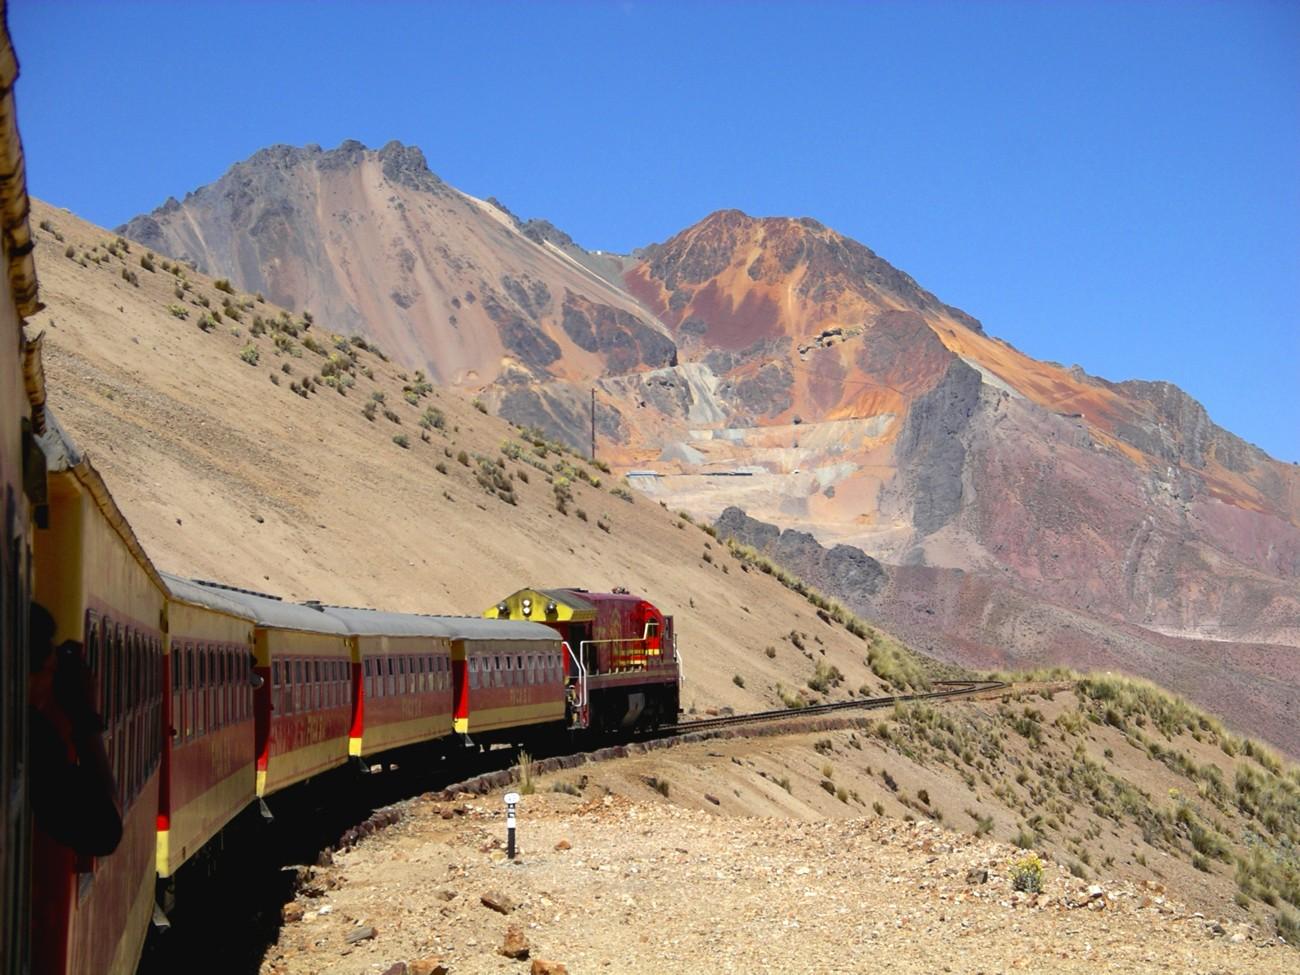 di qua e di la ferrovia transandina trans andean railway